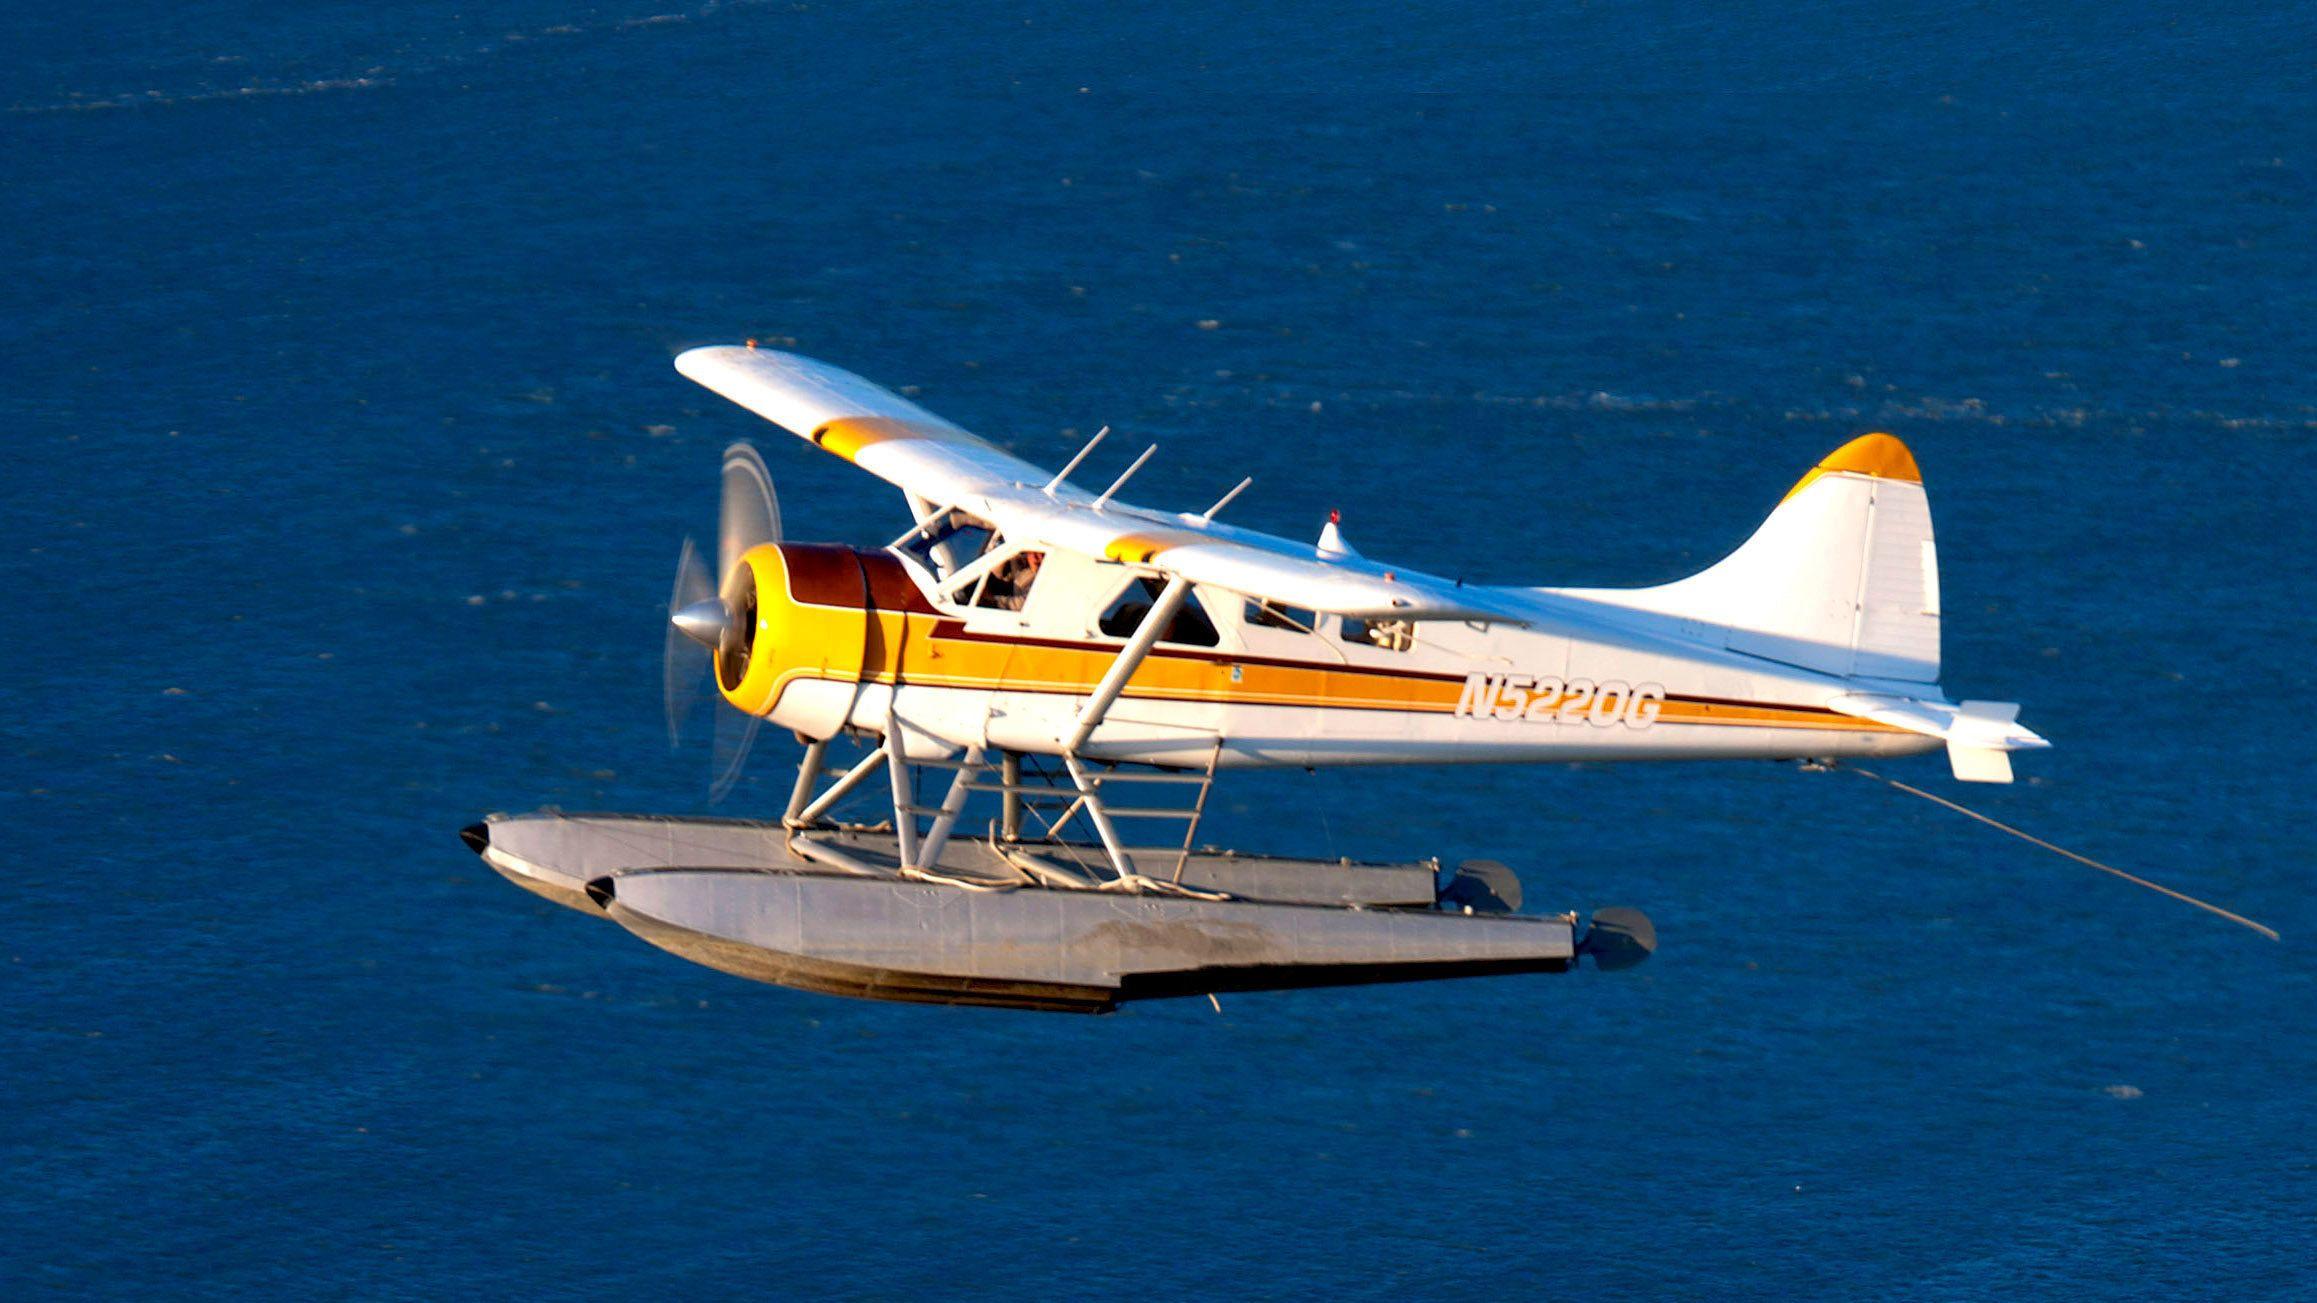 Tours en hélicoptère, avion et montgolfière